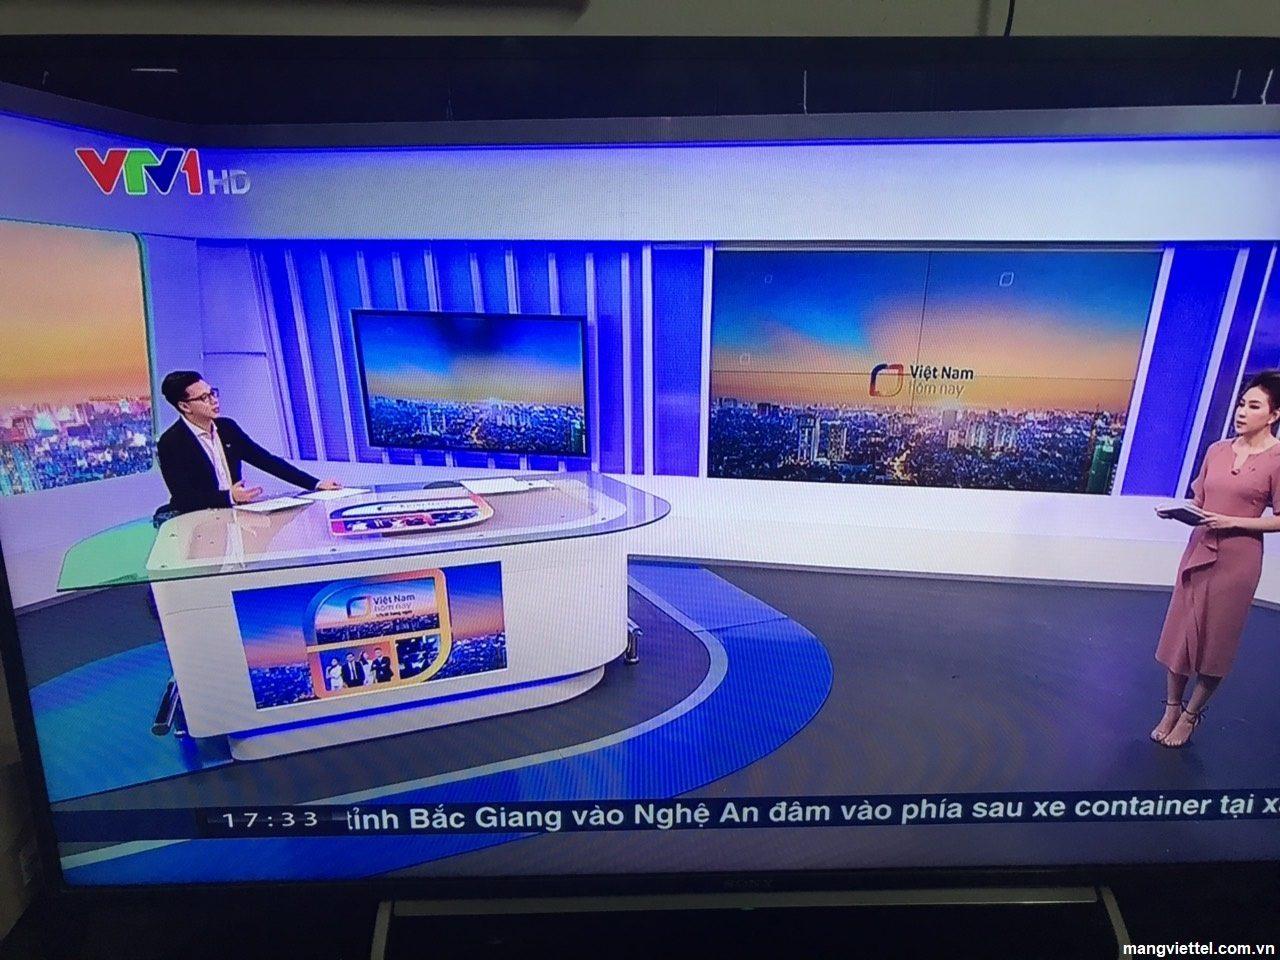 Danh sách kênh truyền hình Viettel